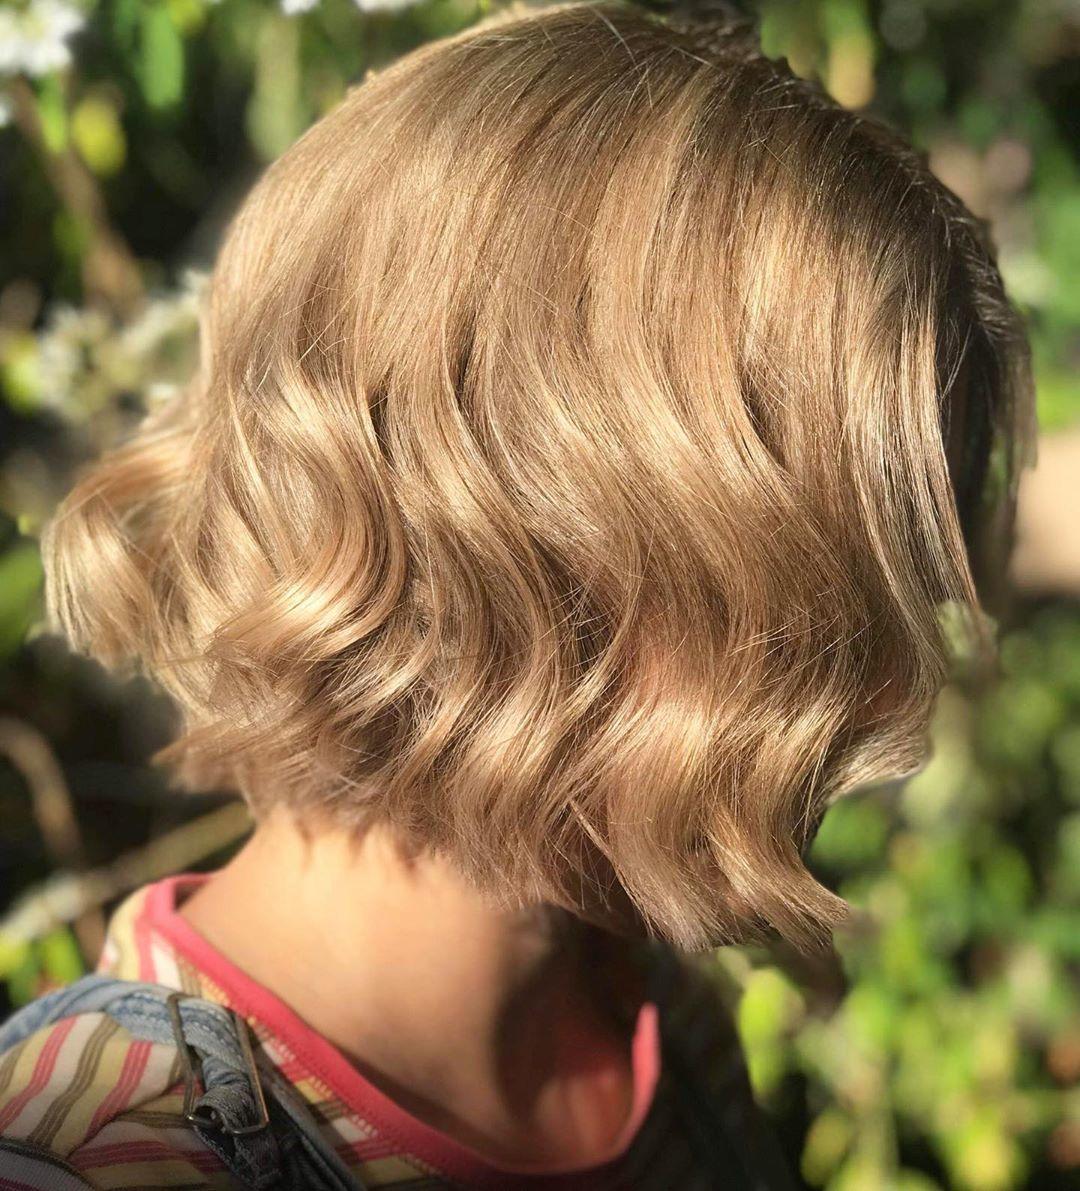 Femme avec une coupe courte ondulée blonde miel clair.